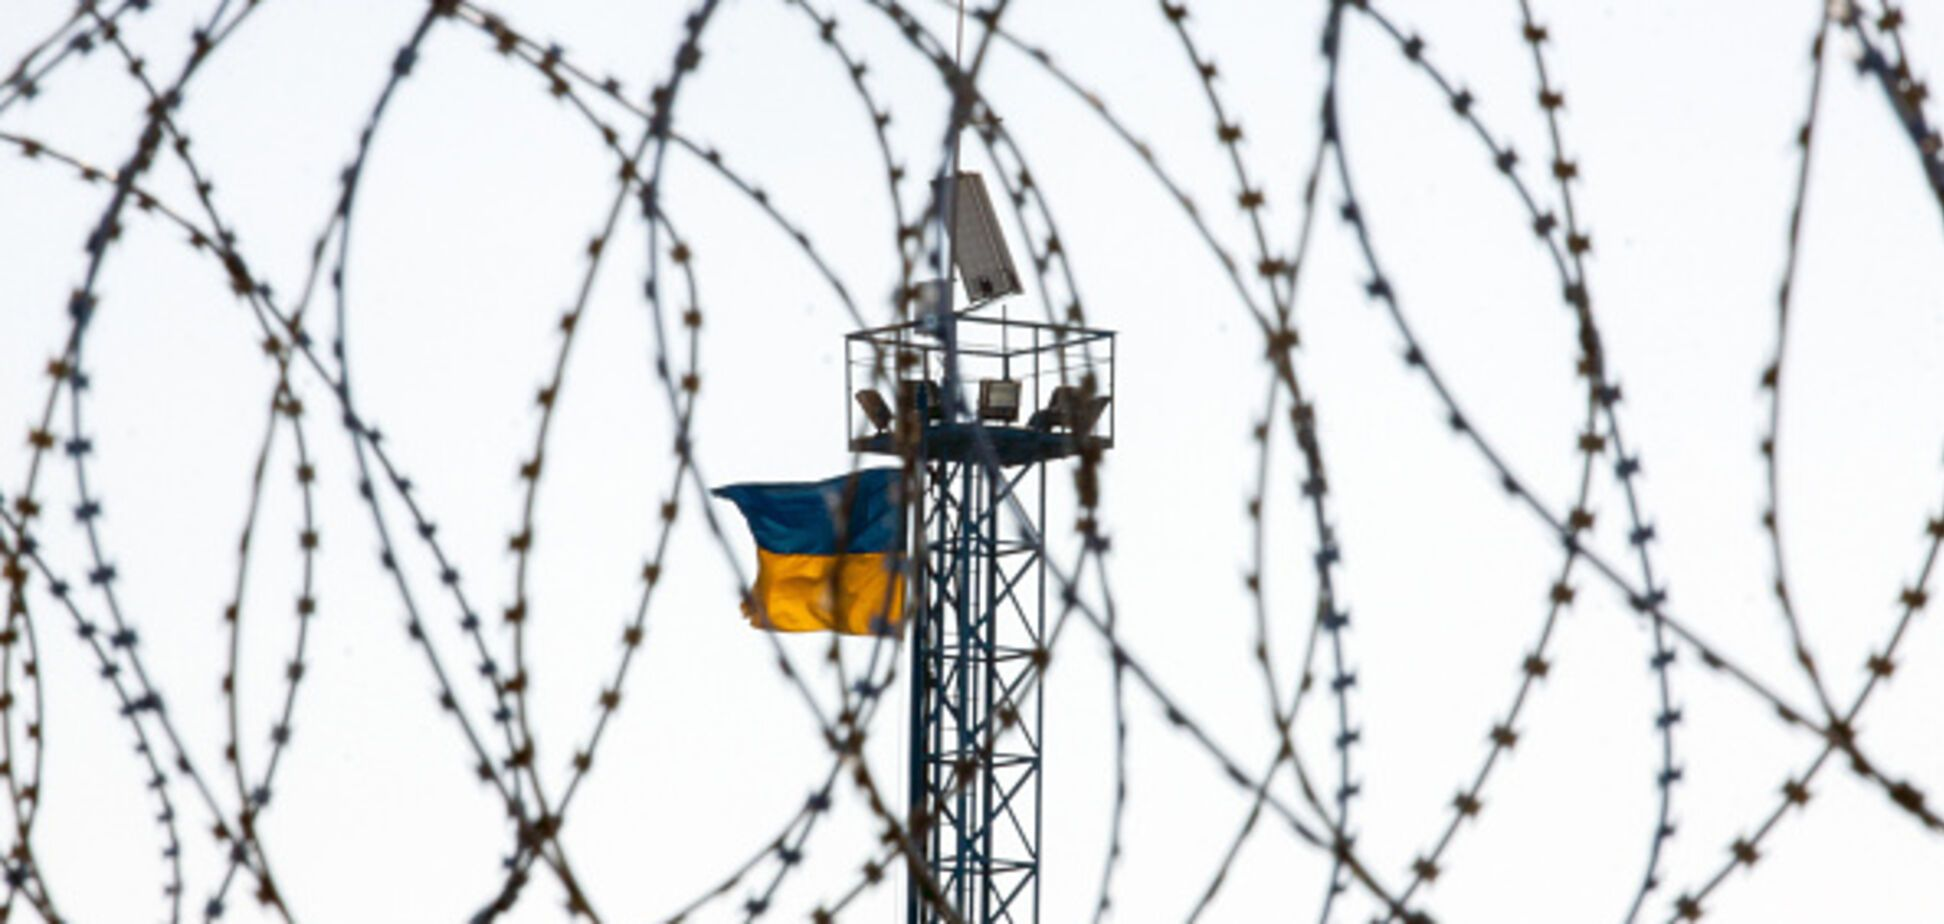 Тщательно скрывают: названо самое секретное место на границе с Россией